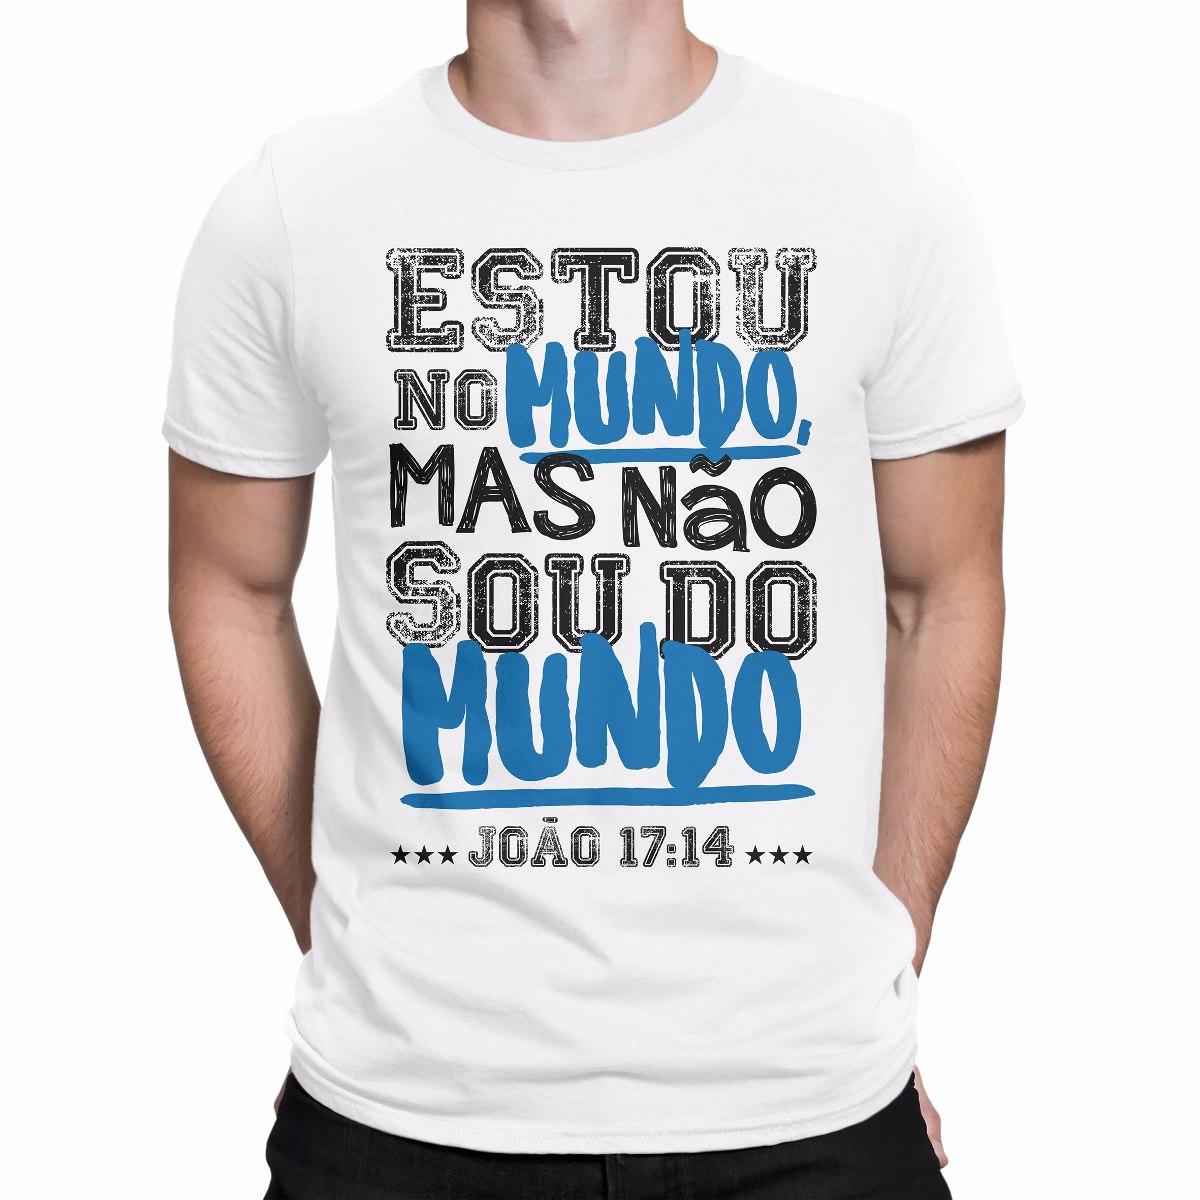 Camisetas Evangélicas Masculinas 26be6853bf7b9